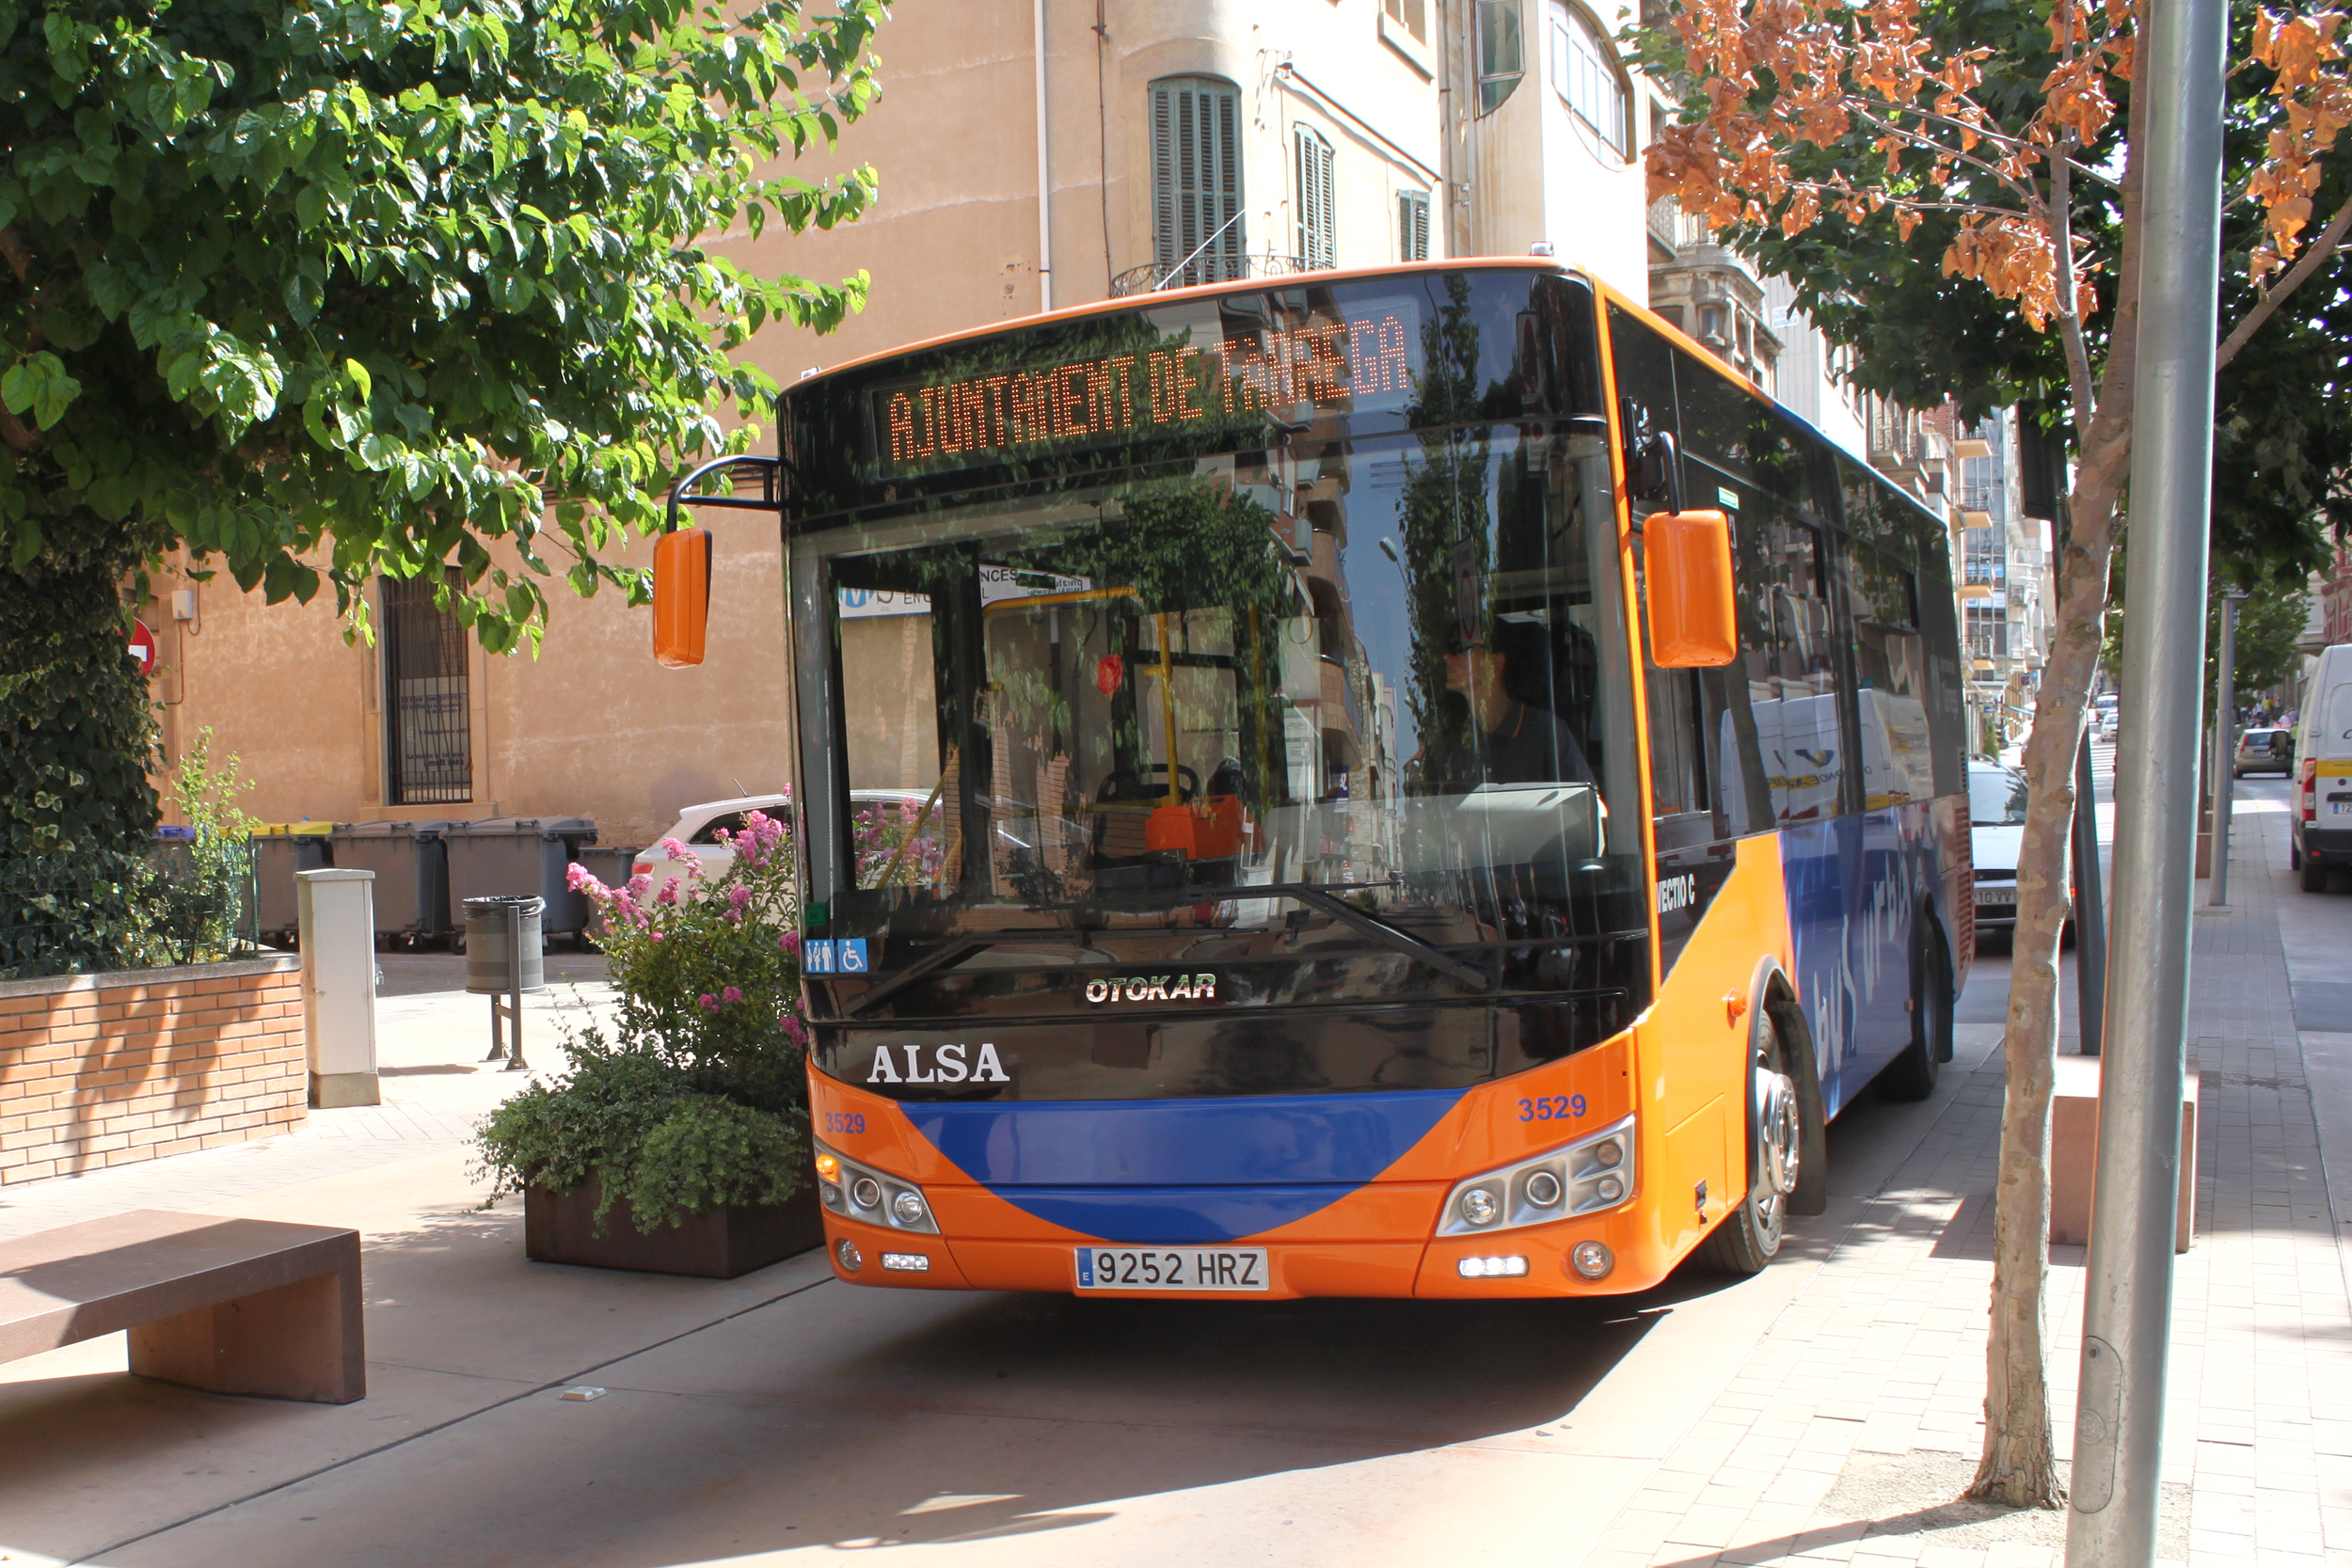 El Bus de la Salut s'aturarà a Tàrrega del 13 al 15 de novembre per fer proves mèdiques preventives a una vuitantena de persones